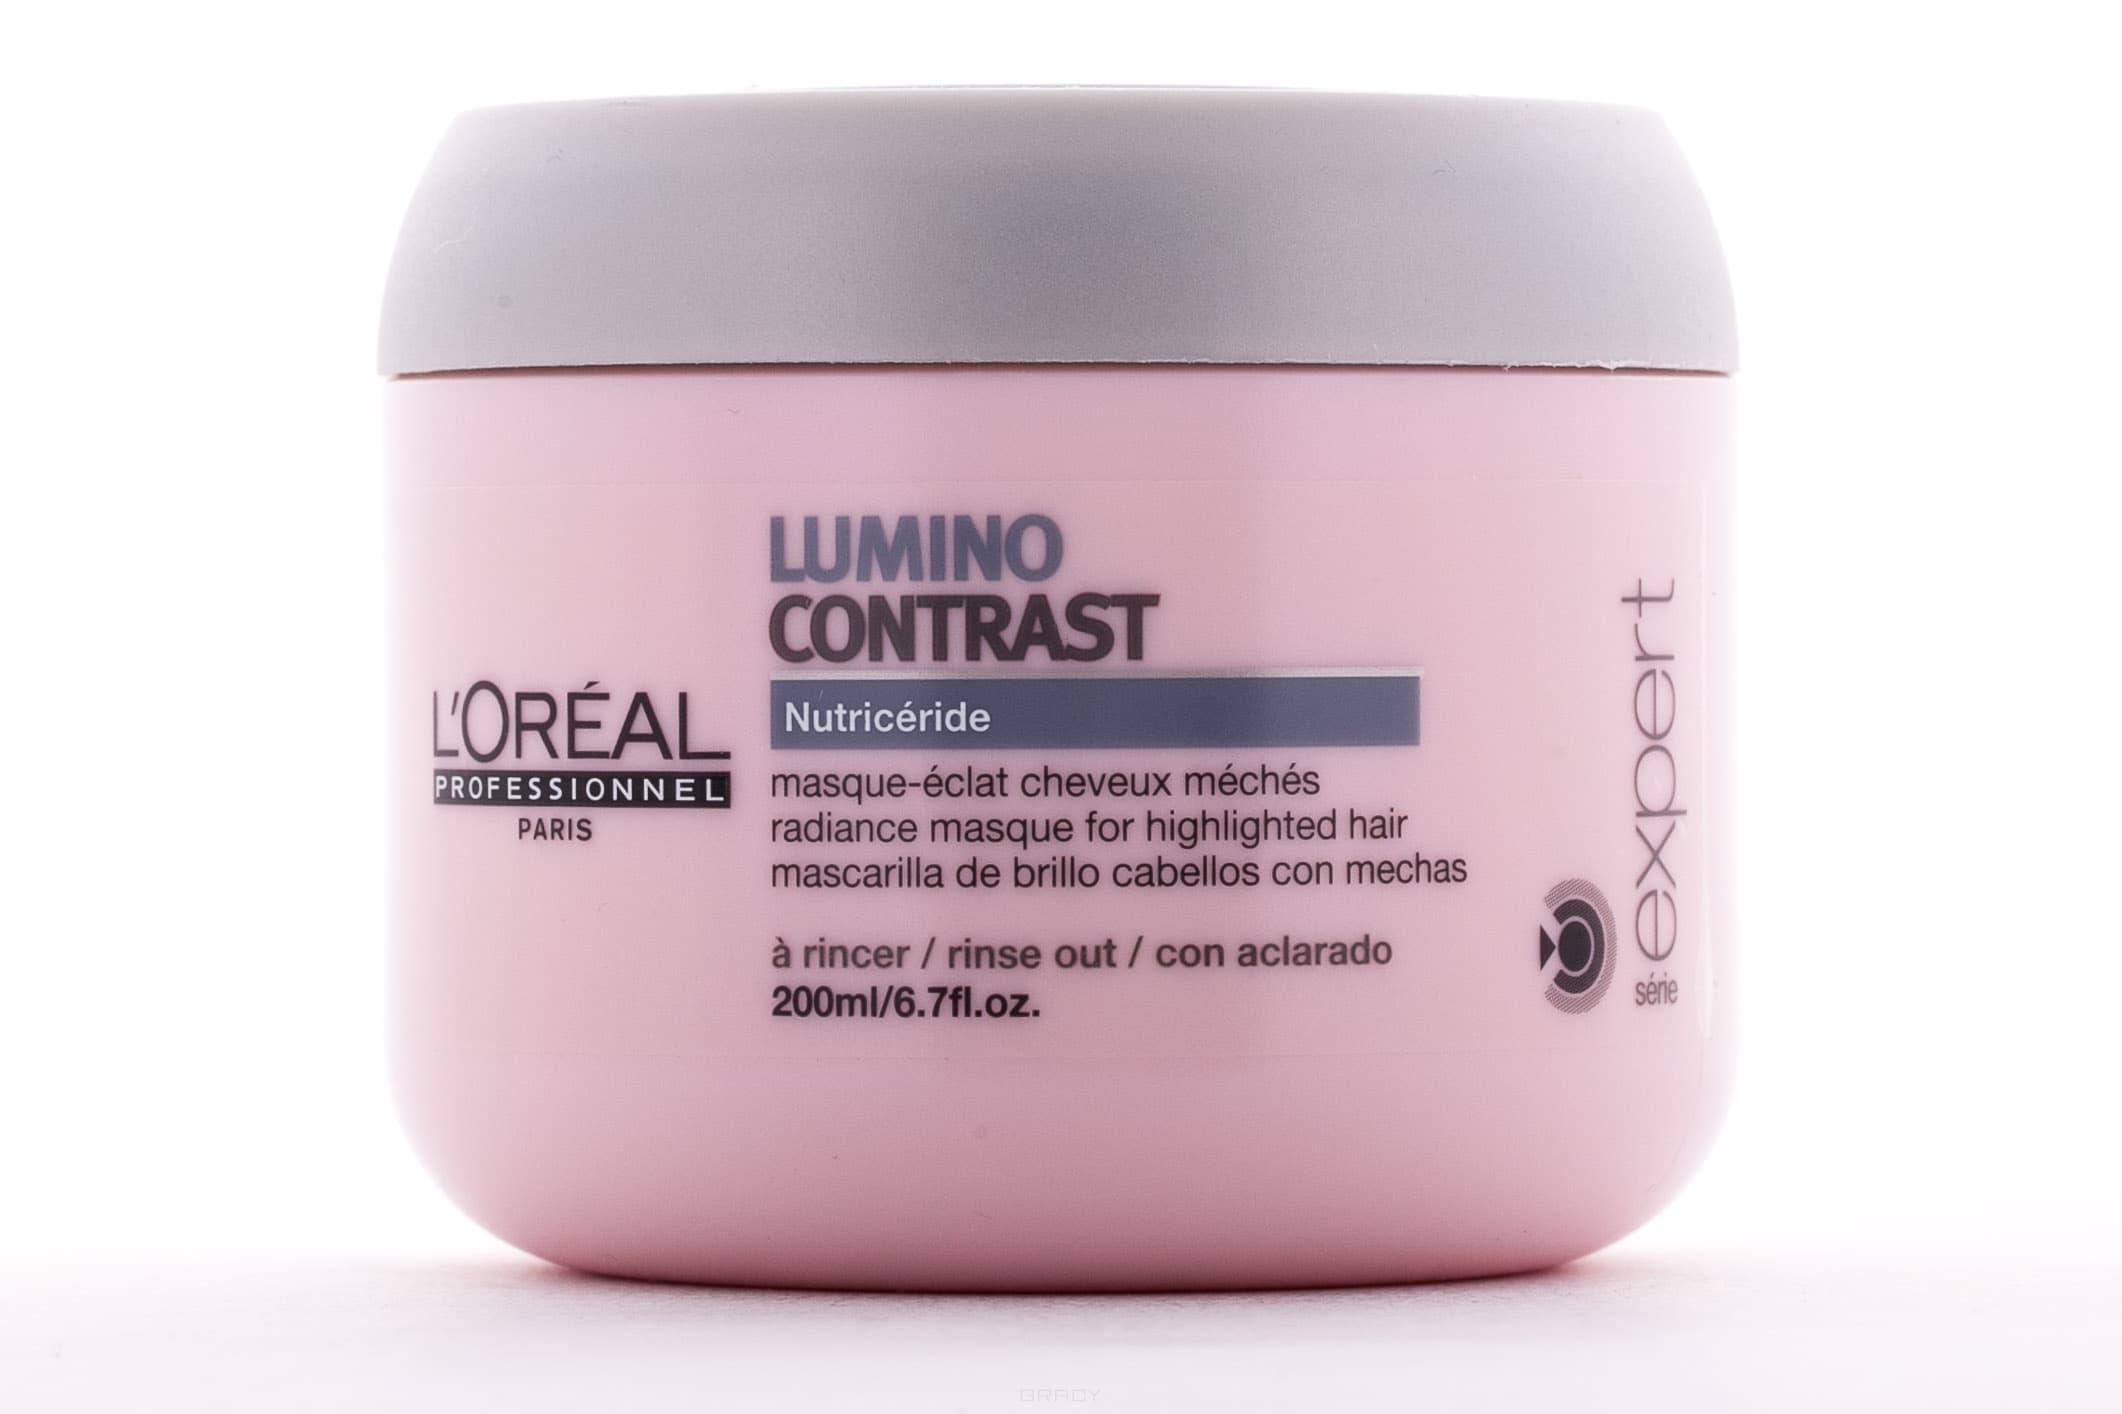 Маска-сияние для мелированных и колорированных волос Serie Expert Lumino Contrast Masque , 200 млНазначение: &#13;<br> &#13;<br>  Маска предназначена для полноценного ухода за мелированными волосами, интенсивного питания и глубокого увлажнения волос. &#13;<br>    &#13;<br>   &#13;<br>    &#13;<br>   Действие:&#13;<br> &#13;<br>   &#13;<br>    &#13;<br>   &#13;<br> &#13;<br>  Новая маска с активной действующей формулой, благодаря технологии Nutriceride, глубоко проникает в структуру каждого волоса, сохраняя липидный баланс мелированных прядей. Регулярное употребление маски позволяет надолго сохранить яркий цвет и сияющий блеск мелированных прядей, интенсивно восстанавливает волосы, делает их крепкими, гладкими и эластичными. &#13;<br>    &#13;<br>   &#13;<br>    &#13;<br>   Состав:&#13;<br> &#13;<br>   &#13;<br>    &#13;<br>   &#13;<br> &#13;<br>  Технология NUTR CER DE: подчёркивает цветовой контраст мелирования, интенсивно питает обесцвеченные участки волос, придает волосам дополнительный блеск. &#13;<br>    &#13;<br>    &#13;<br>      &#13;<br>     Применение:&#13;<br> &#13;<br>   &#13;<br>    &#13;<br>   &#13;<br> &#13;<br>  Небольшое количество средства бережными движениями вмассировать в слегка увлажненные волосы и кожу головы в течение 5 минут. Смыть большим количеством воды. Для достижения...<br>